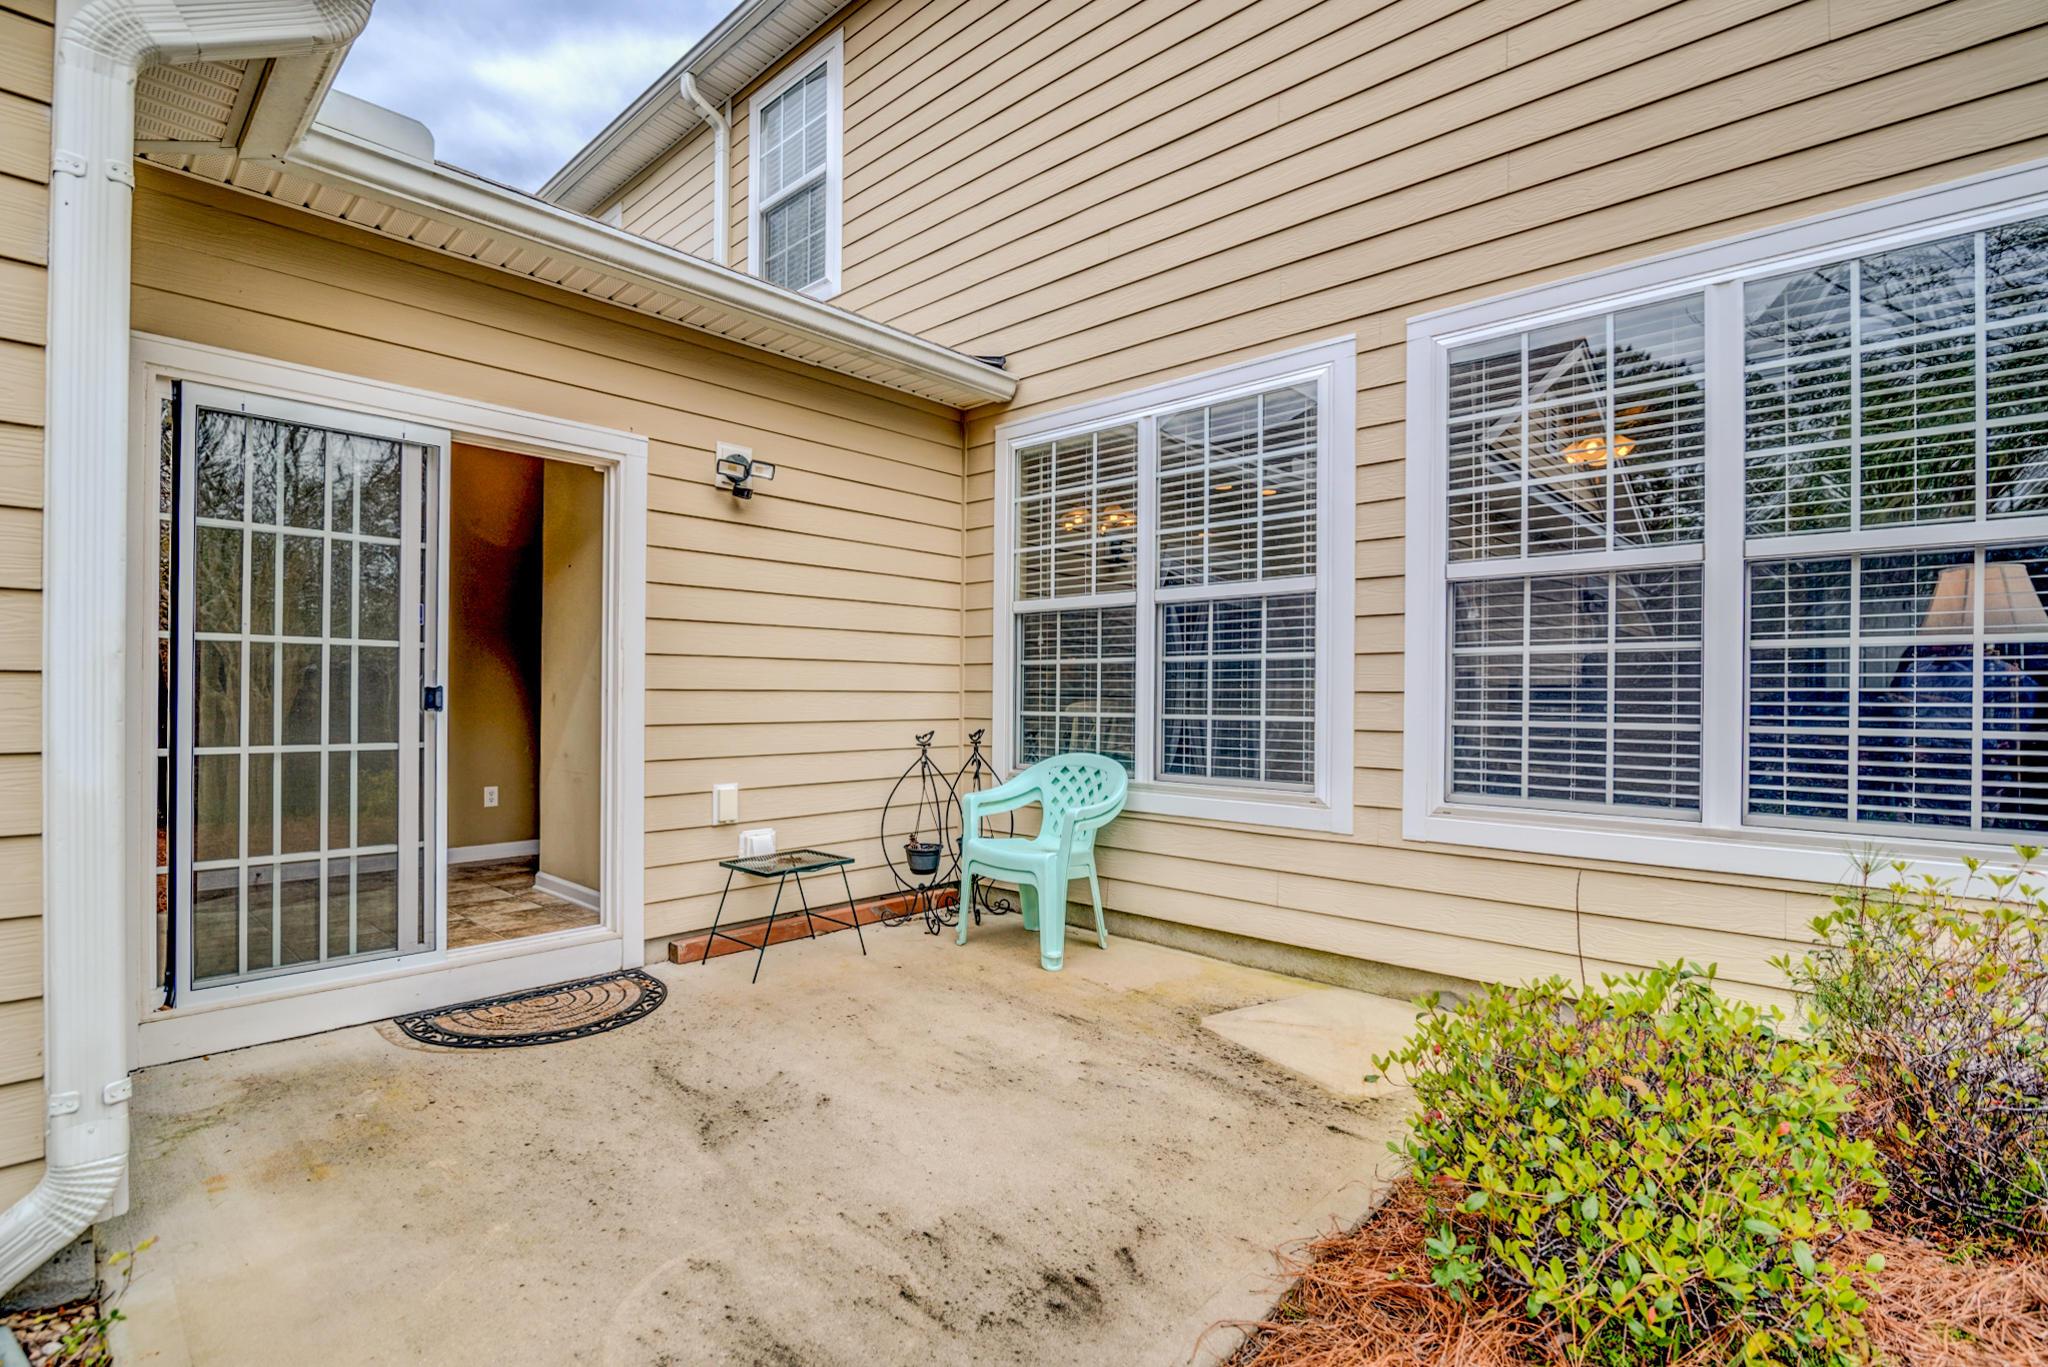 Park West Homes For Sale - 3001 Parkwest, Mount Pleasant, SC - 1